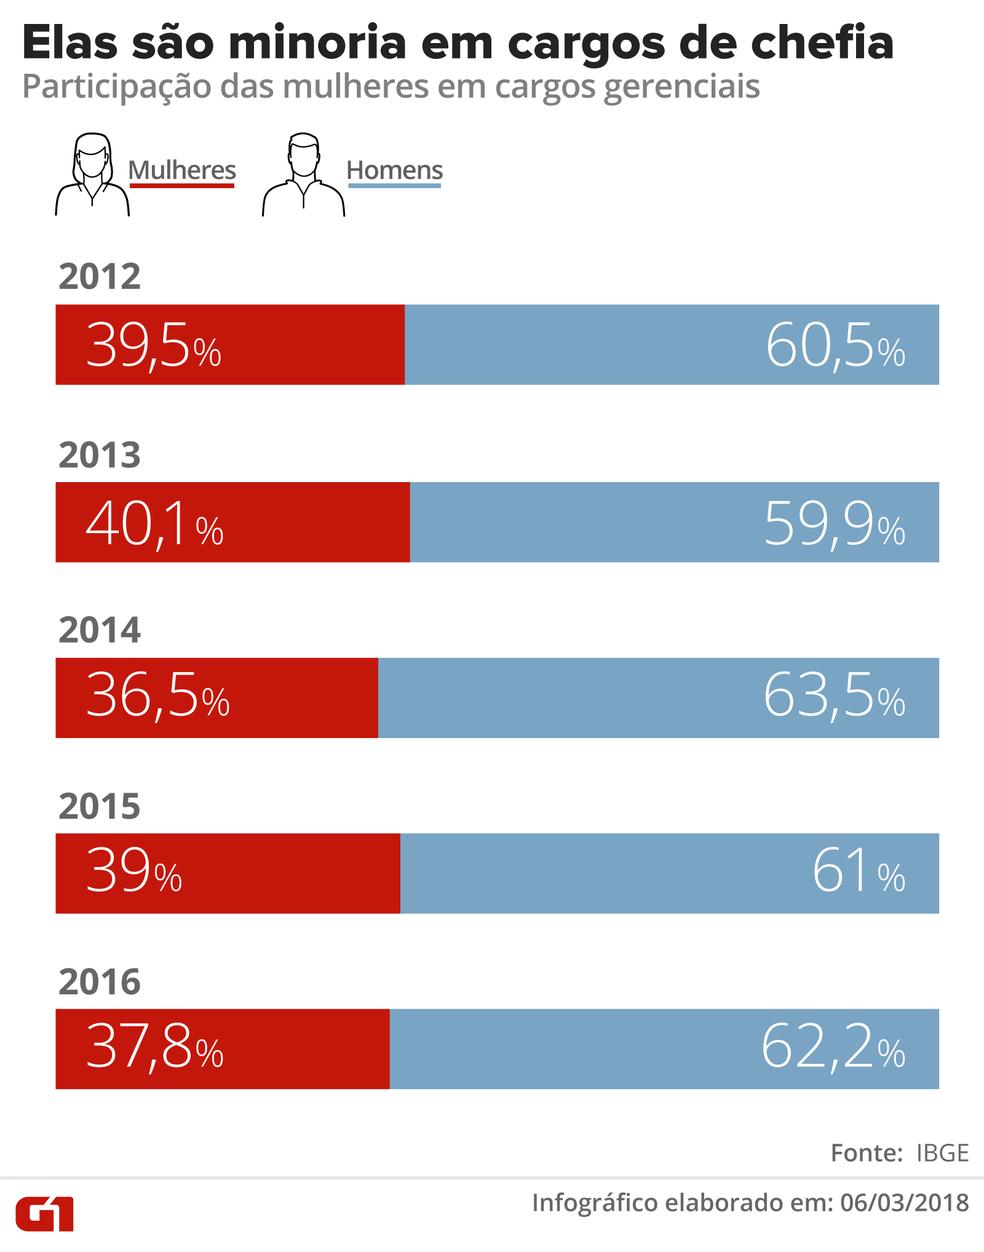 Infográfico mostra proporção de mulheres e homens em cargos de chefia (Foto: Alexandre Mauro/G1)